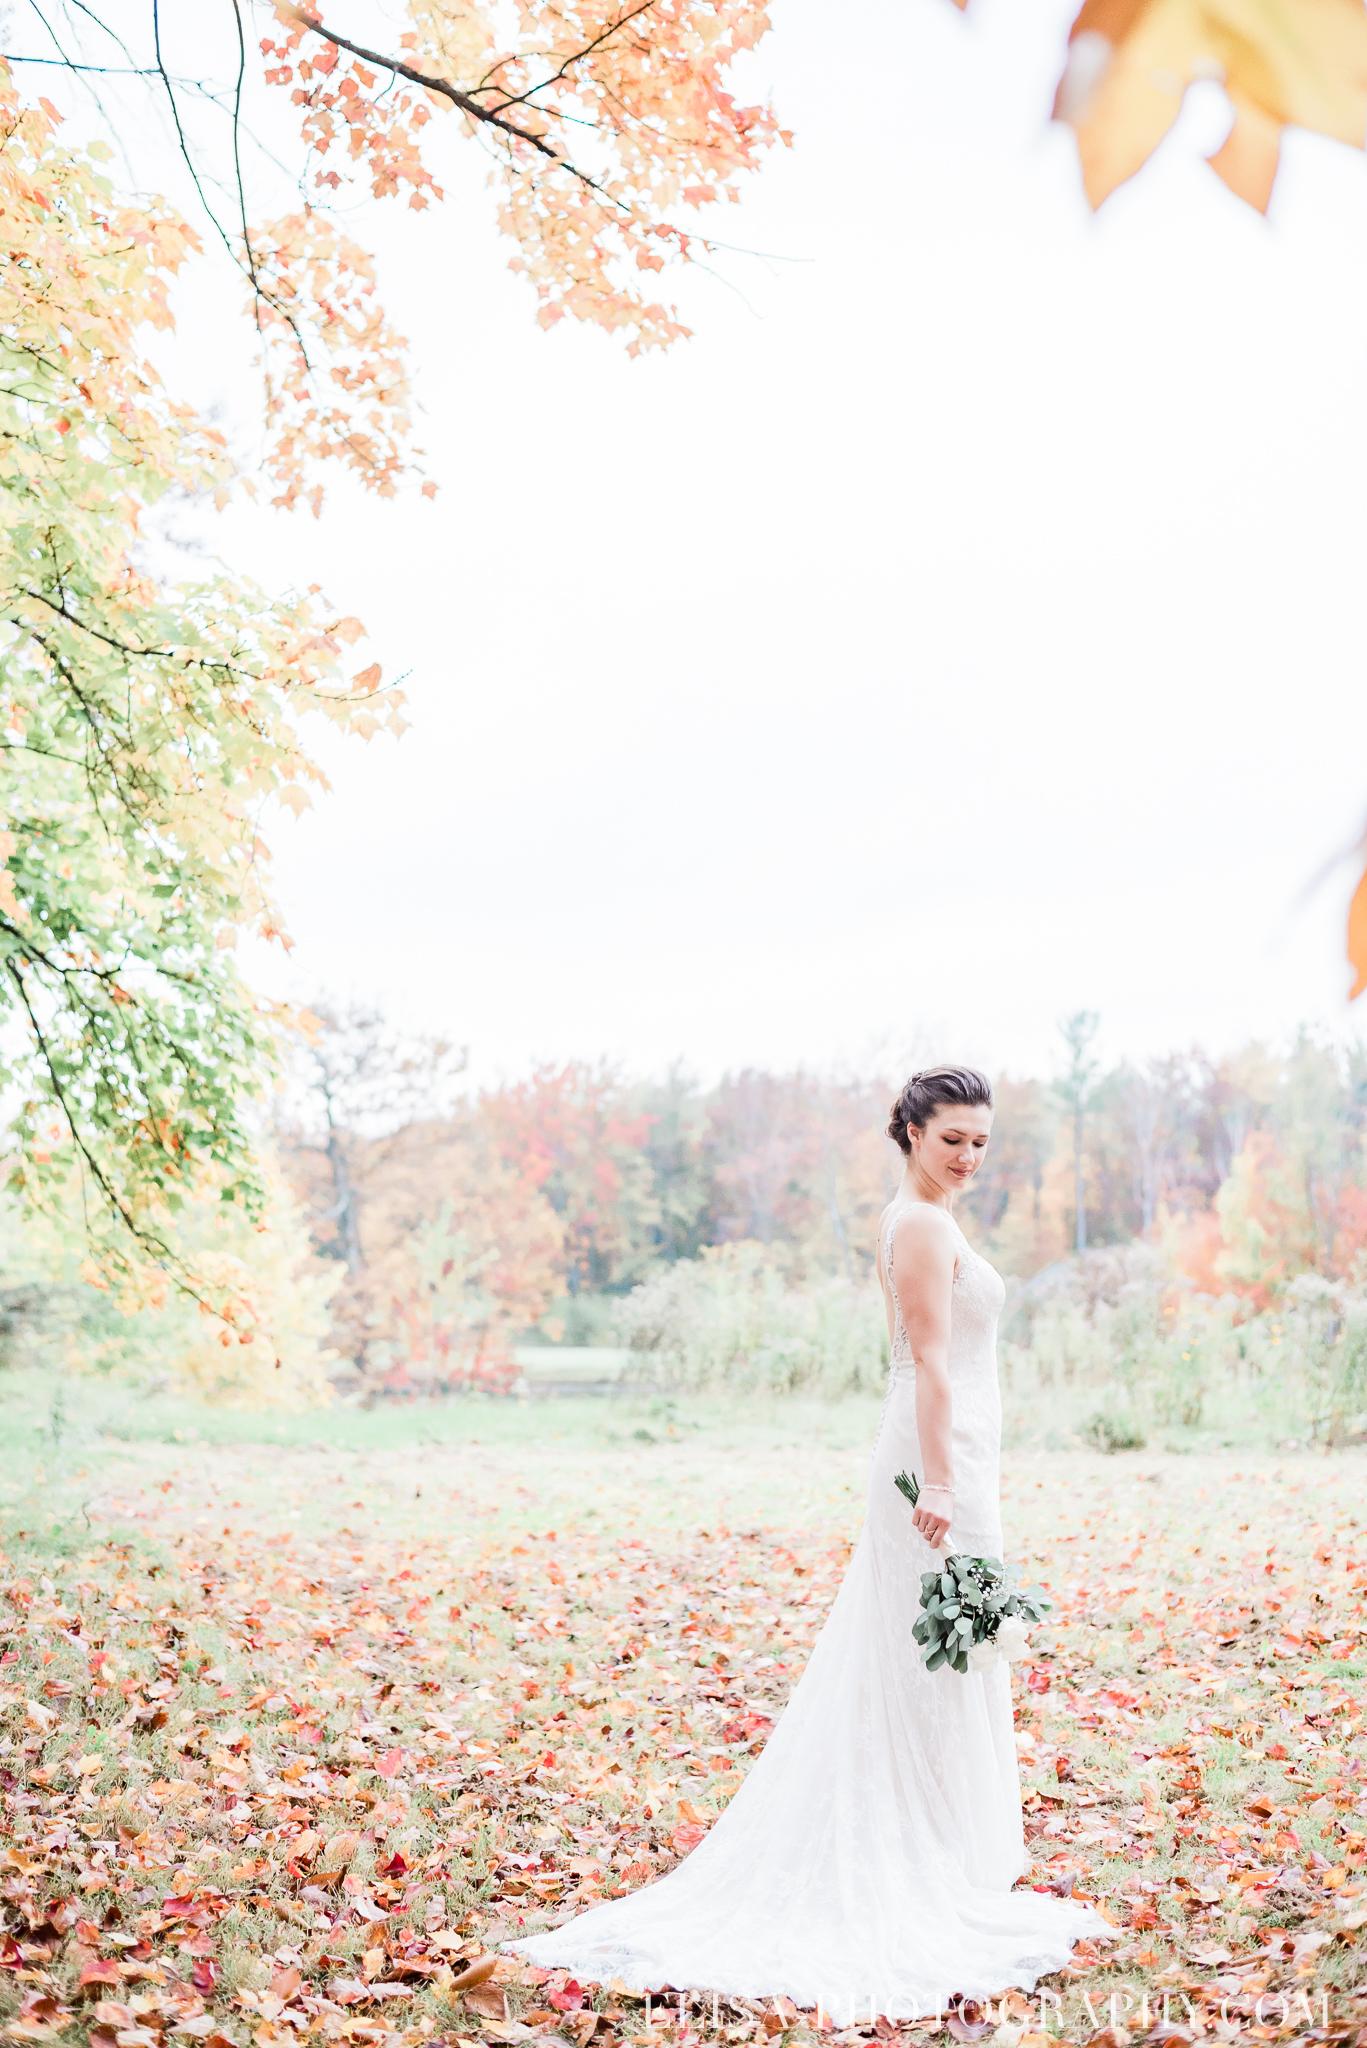 photo mariage golf cap rouge ville quebec bouquet roses blanches couple portrait automne 8254 - Mariage au Golf de Cap-Rouge, ville de Québec: Stéphanie & William